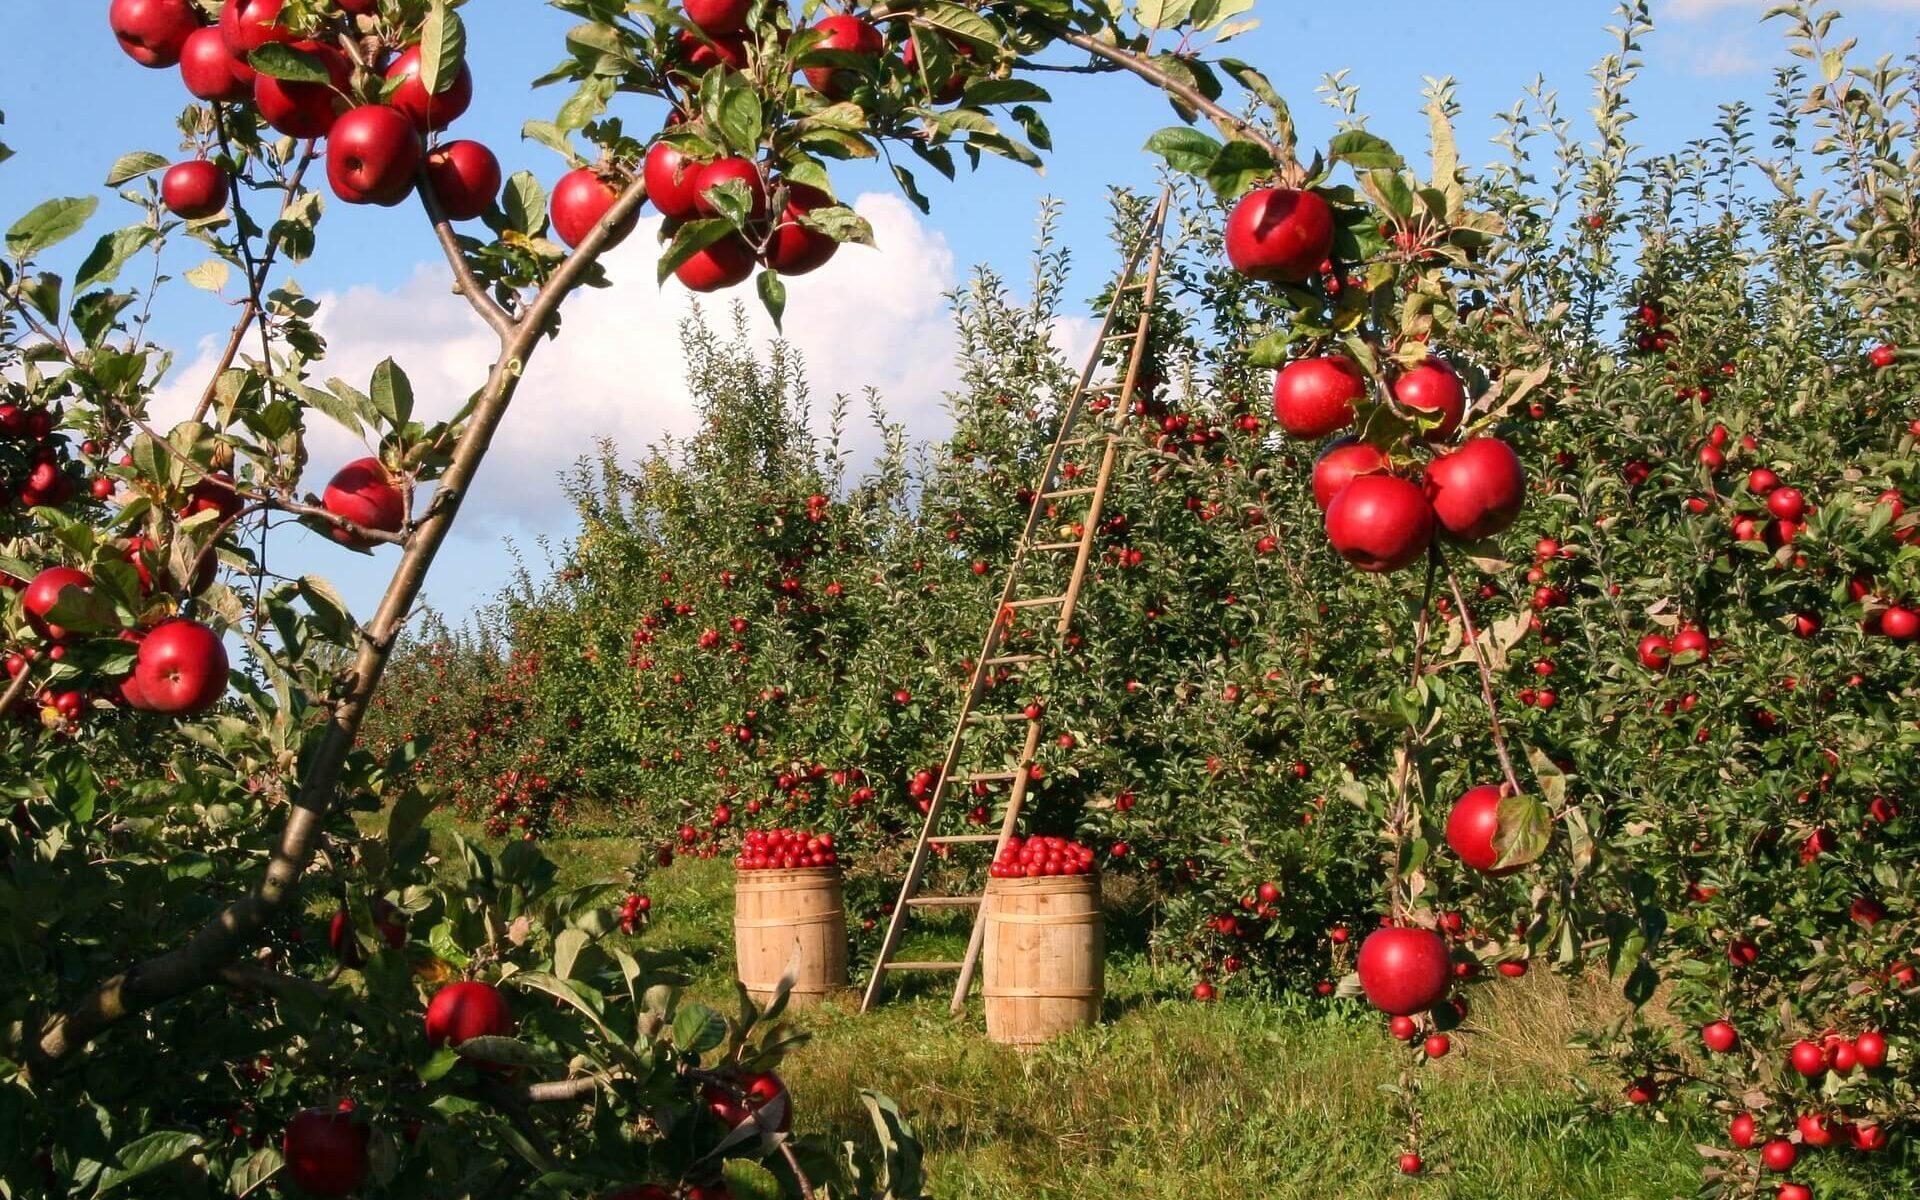 Блог о сельском хозяйстве